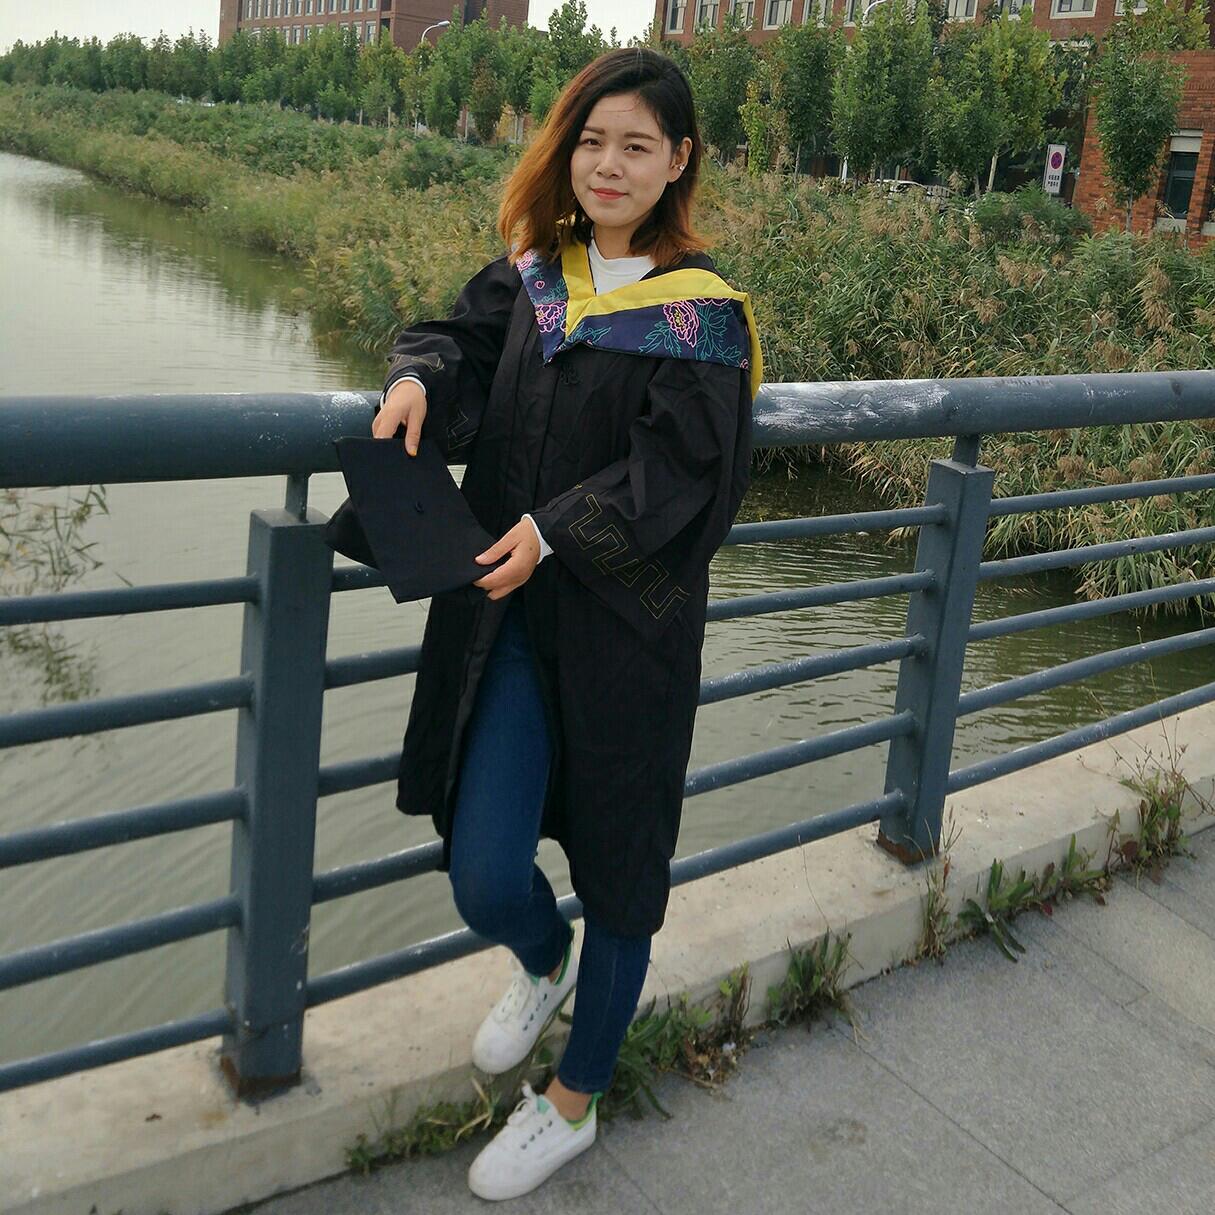 天津世纪扬名广告传媒公司经理邓阿慧照片